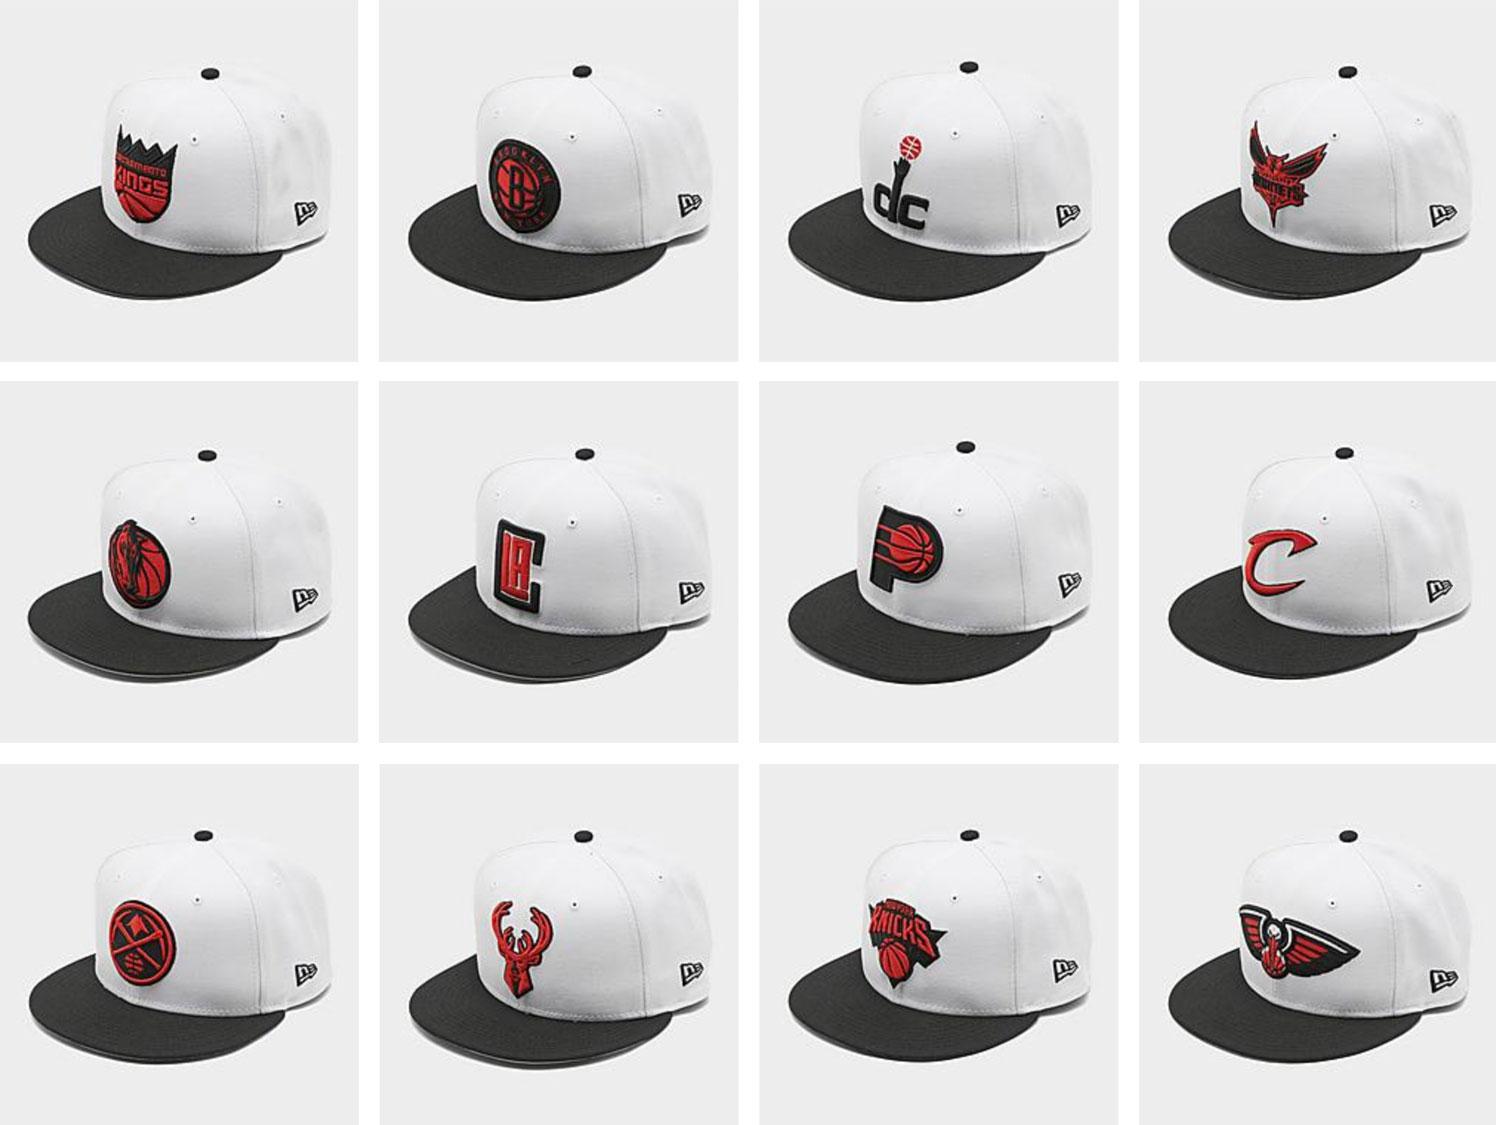 jordan-11-low-white-concord-bred-nba-hats